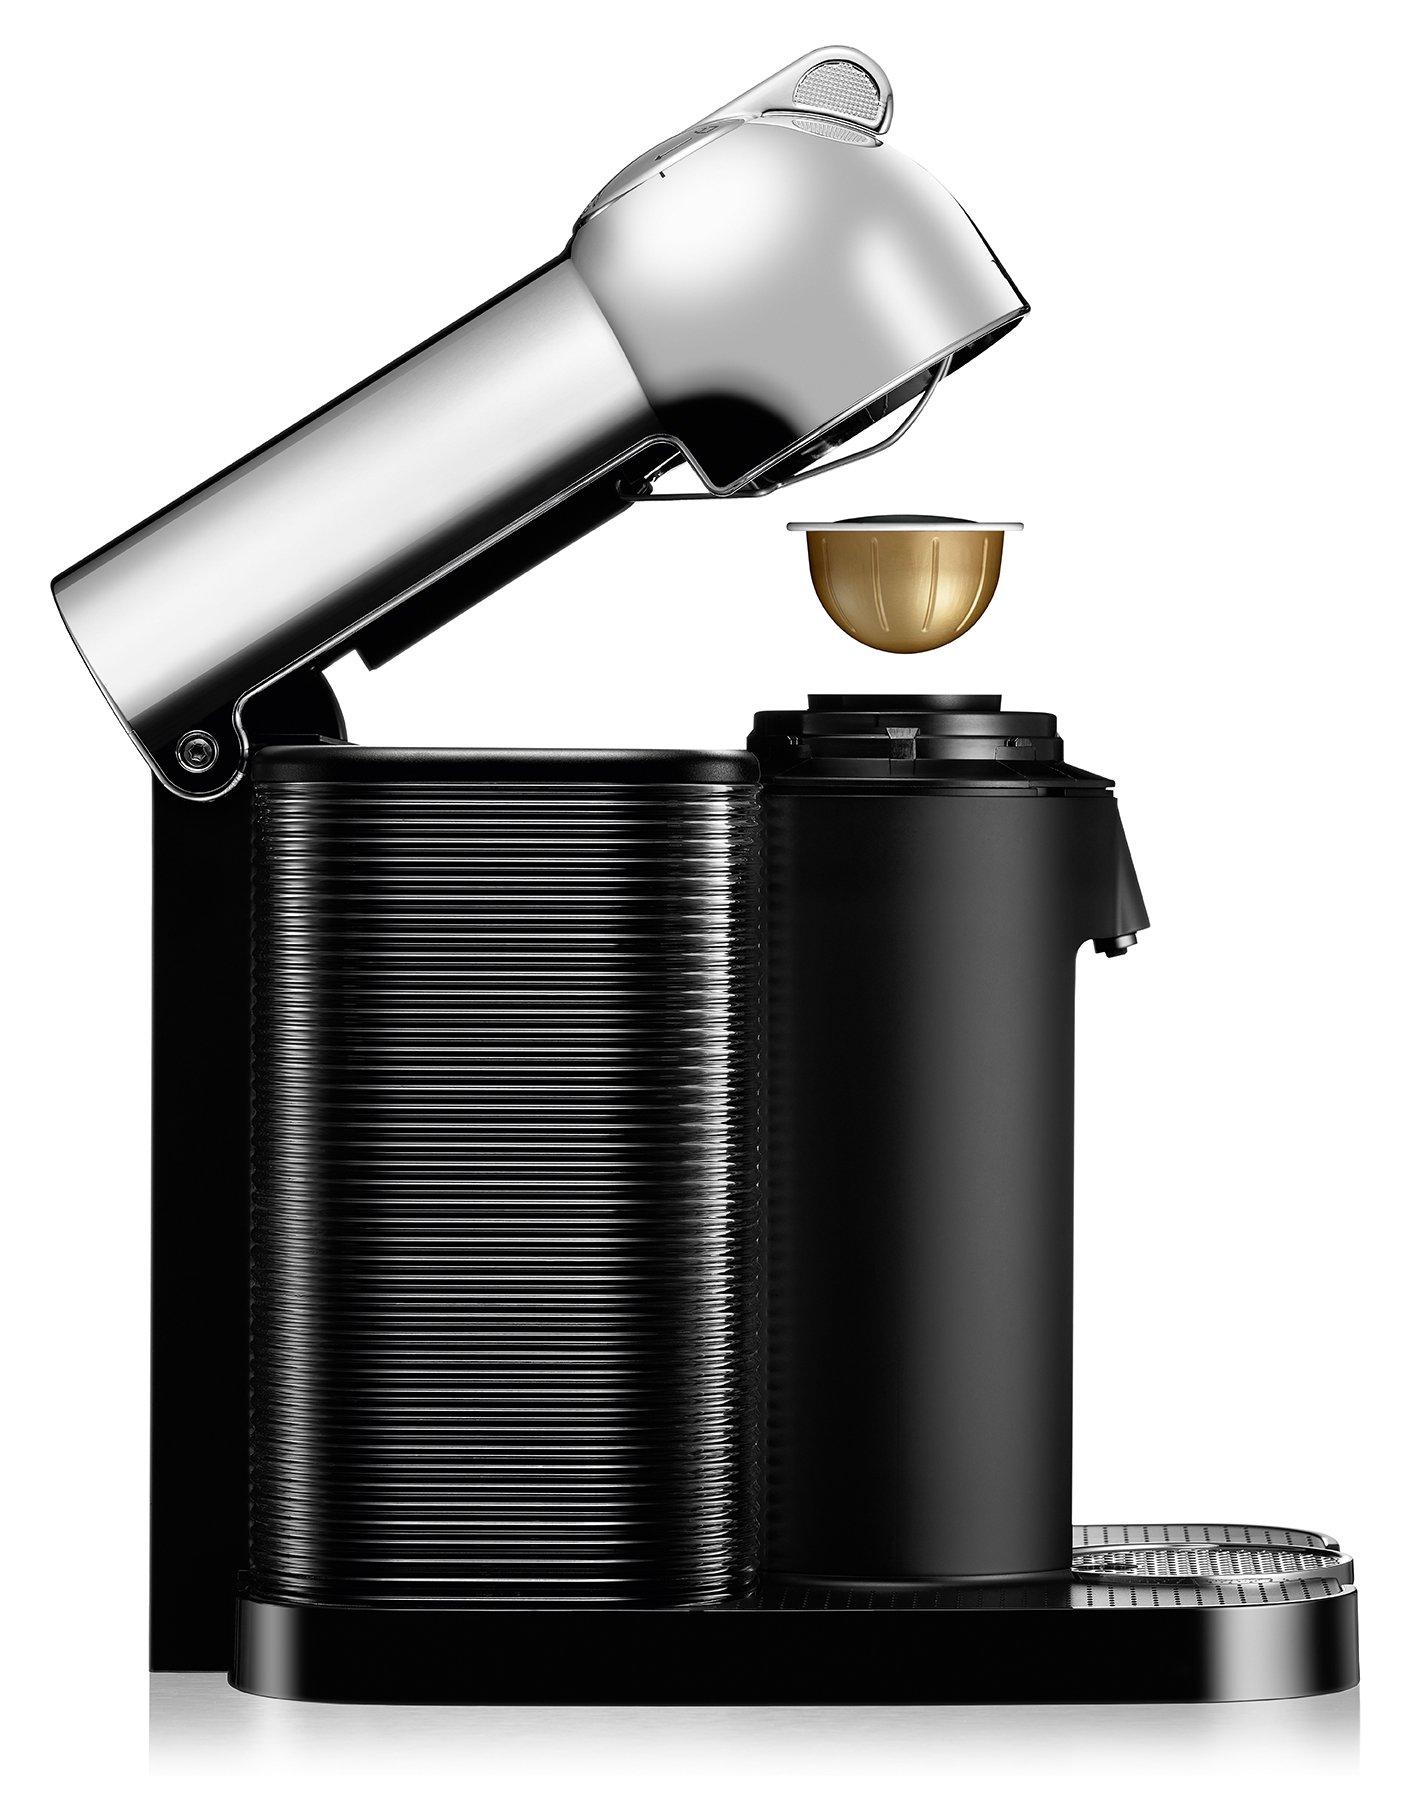 Nespresso Vertuo Coffee and Espresso Machine by Breville with Aeroccino, Chrome by Breville (Image #6)